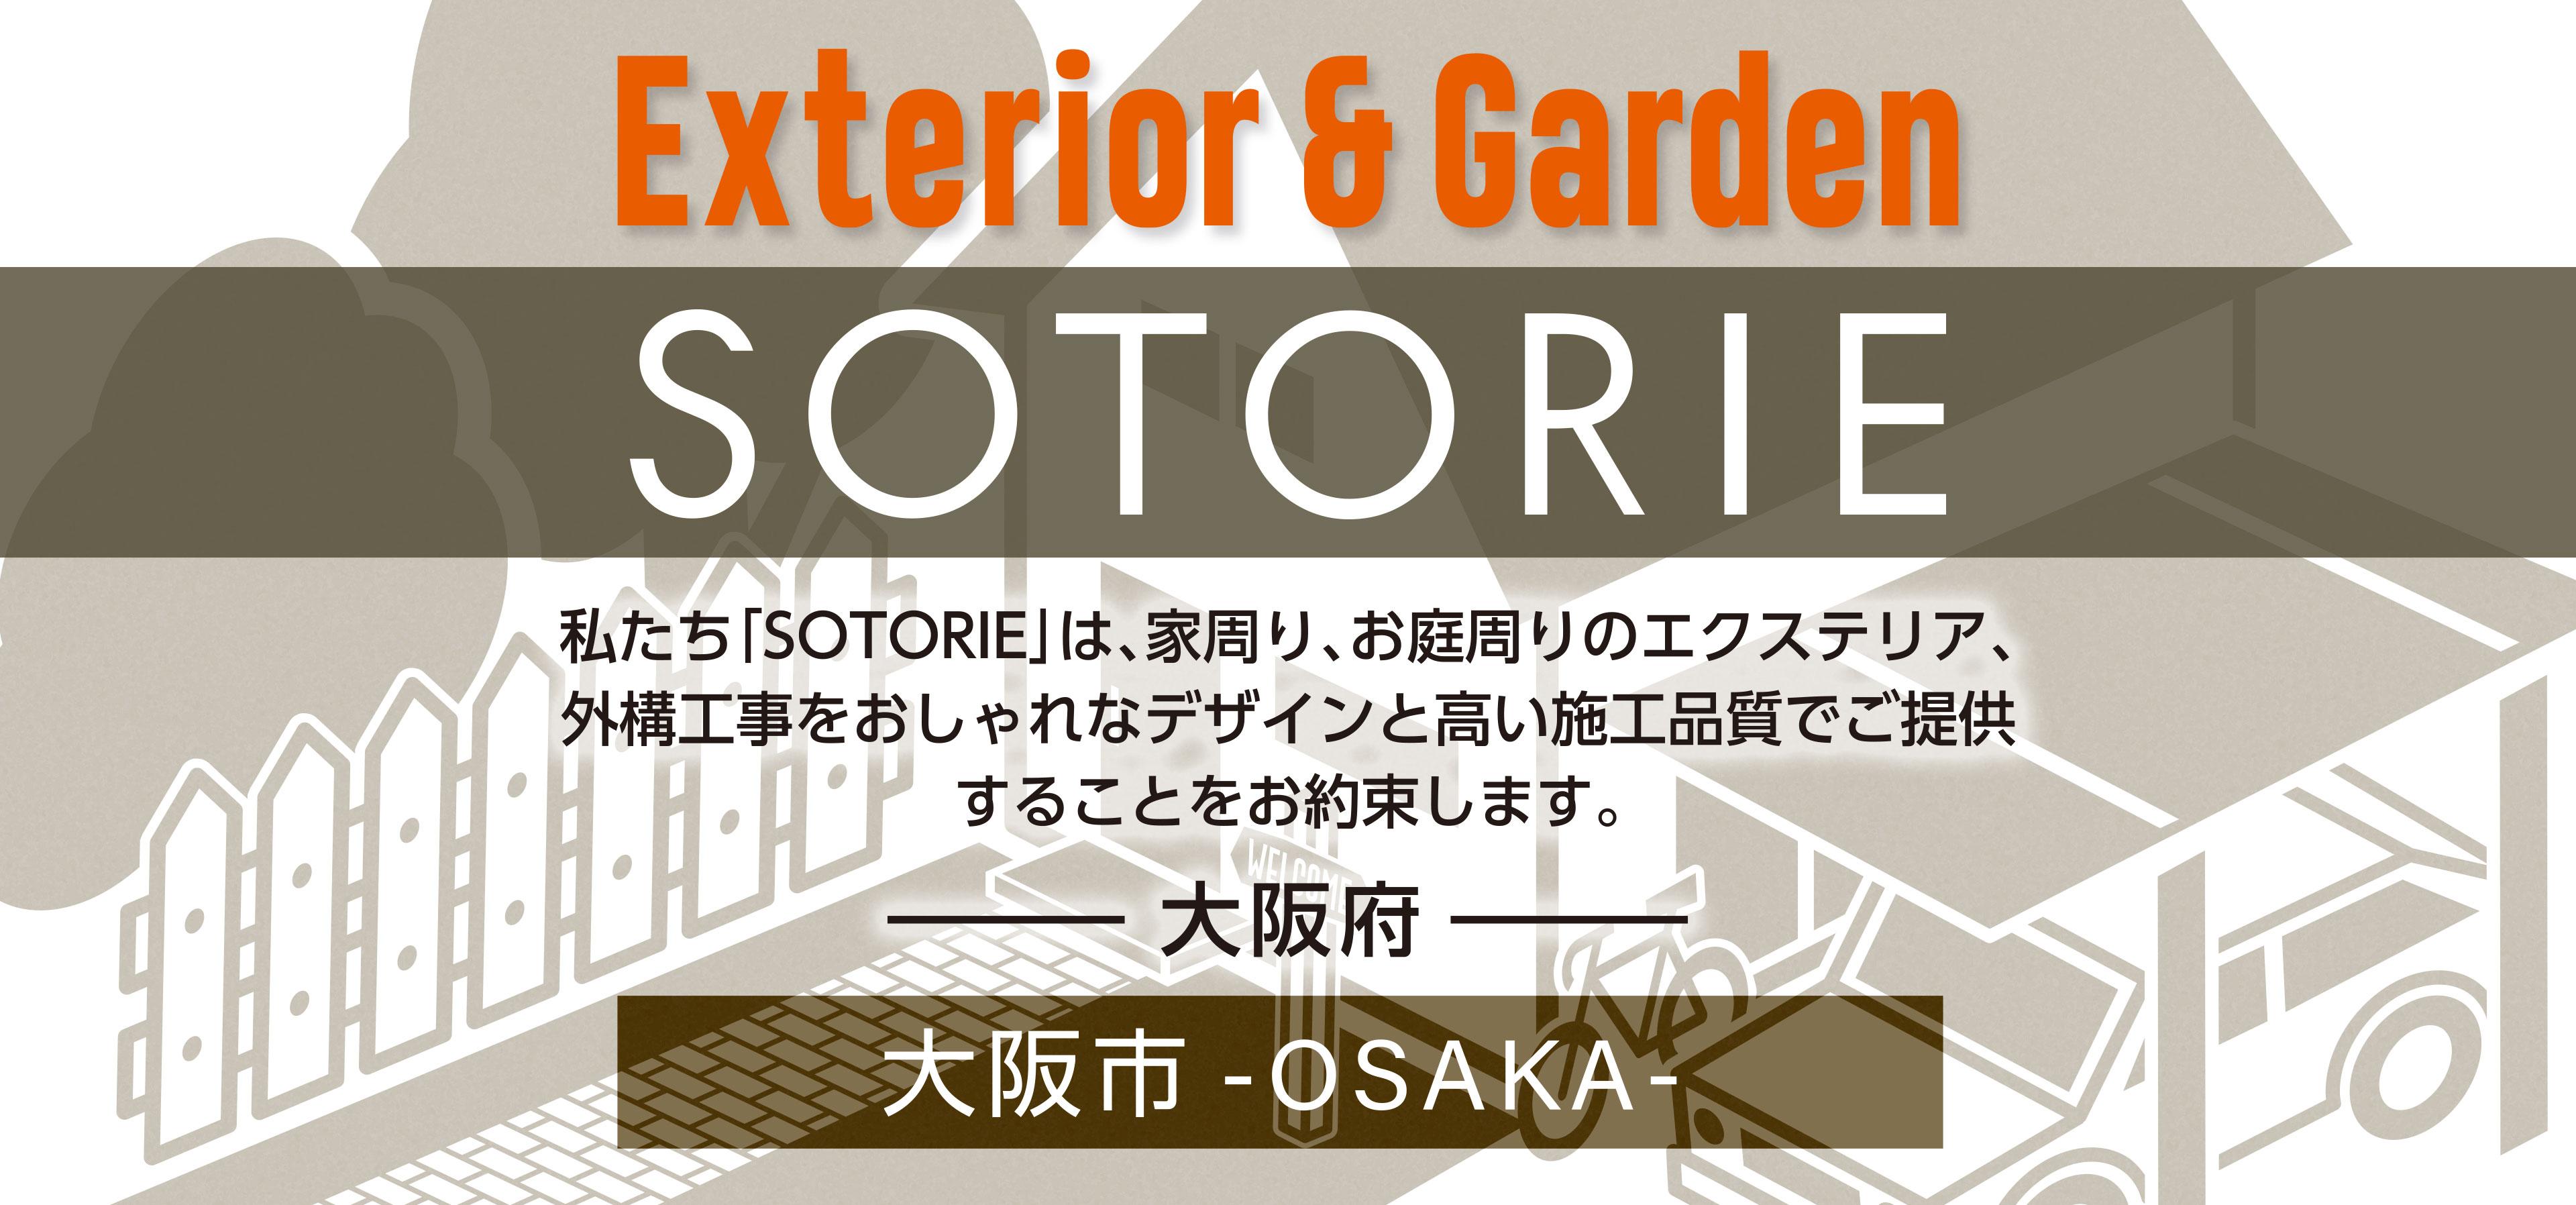 ソトリエ大阪市では、家周りと庭周りの外構、エクステリア工事をおしゃれなデザインと高い施工品質でご提供することをお約束します。